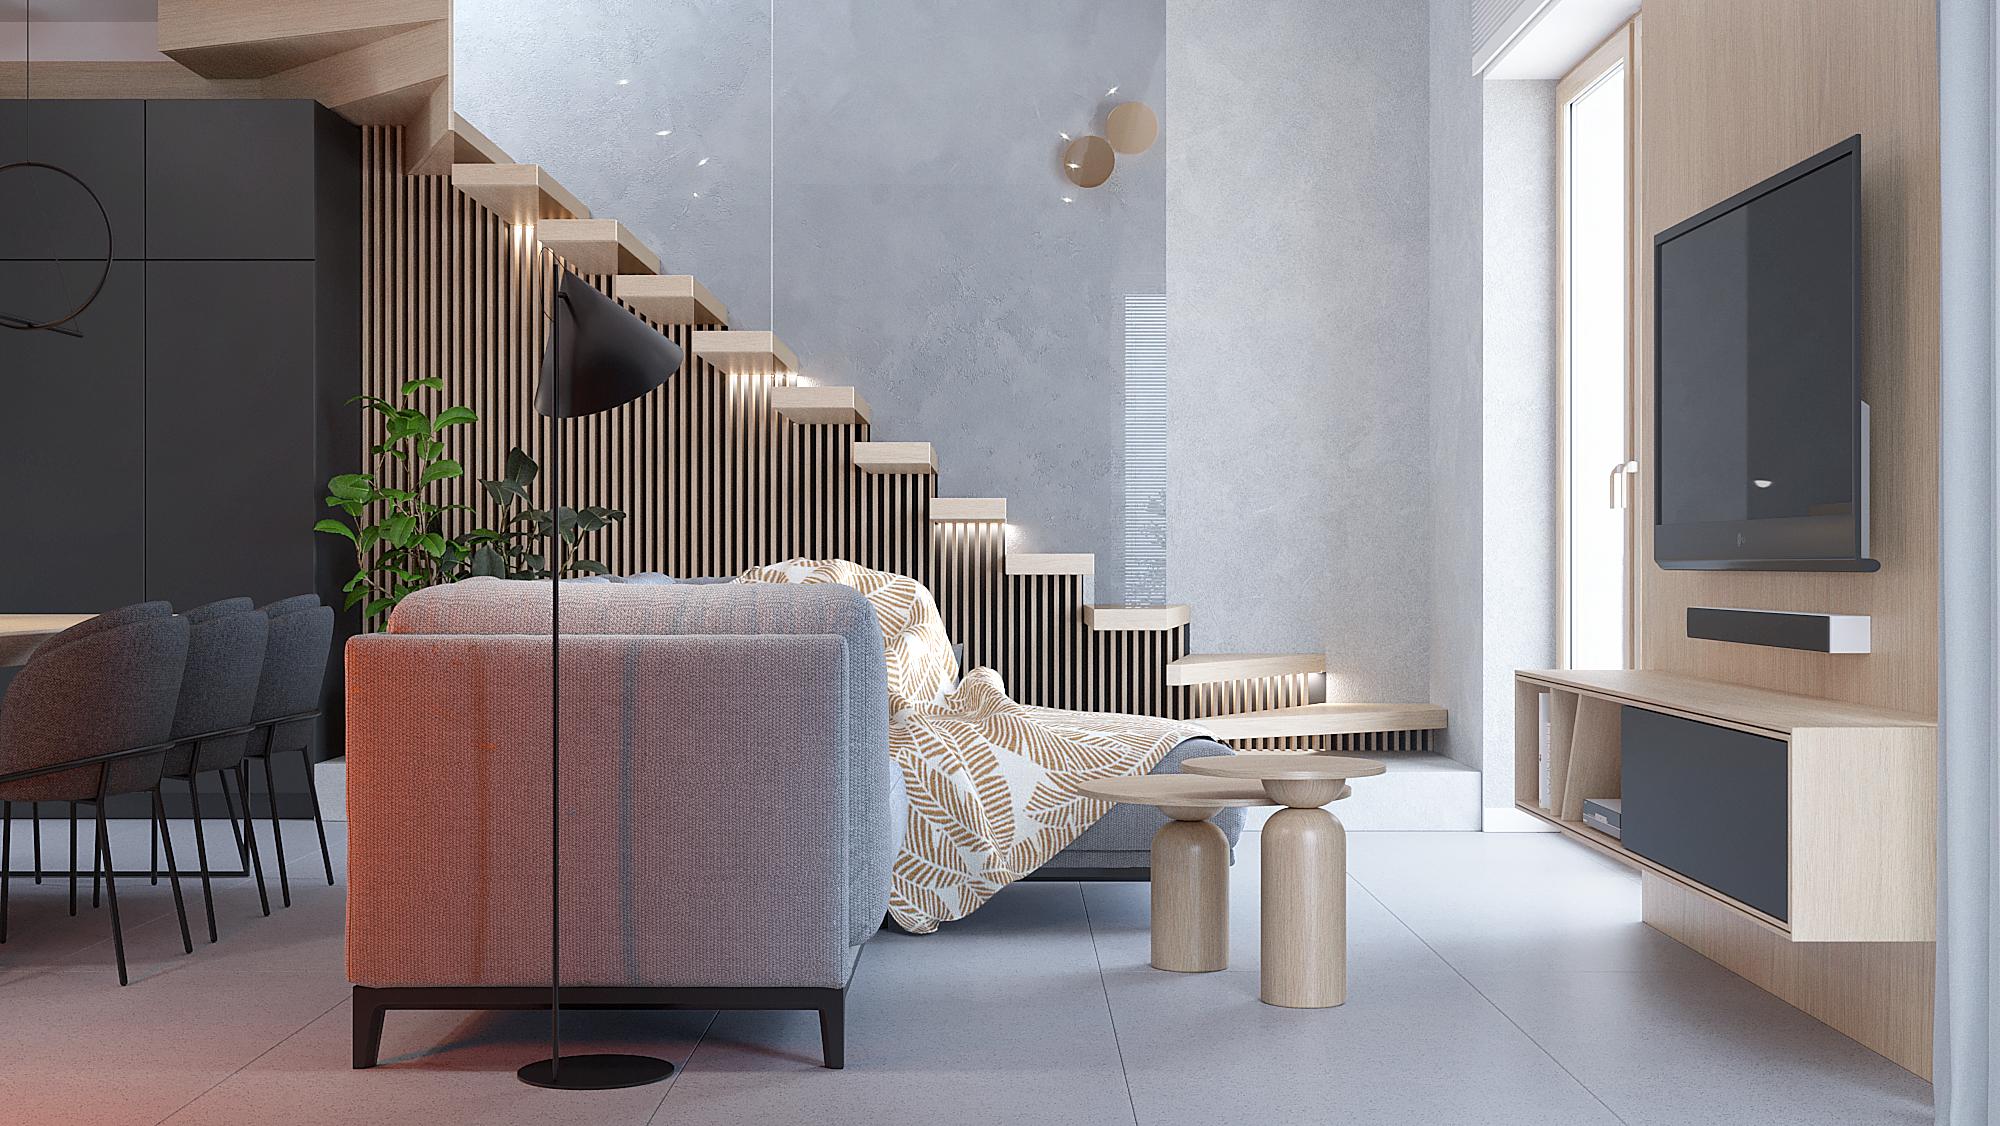 11 aranzacja wnetrz D395 dom Tychy salon szara sofa sciana telewizyjna z szafka rtv drewnane dywanowe schody szklana balustrada listewki na scianie